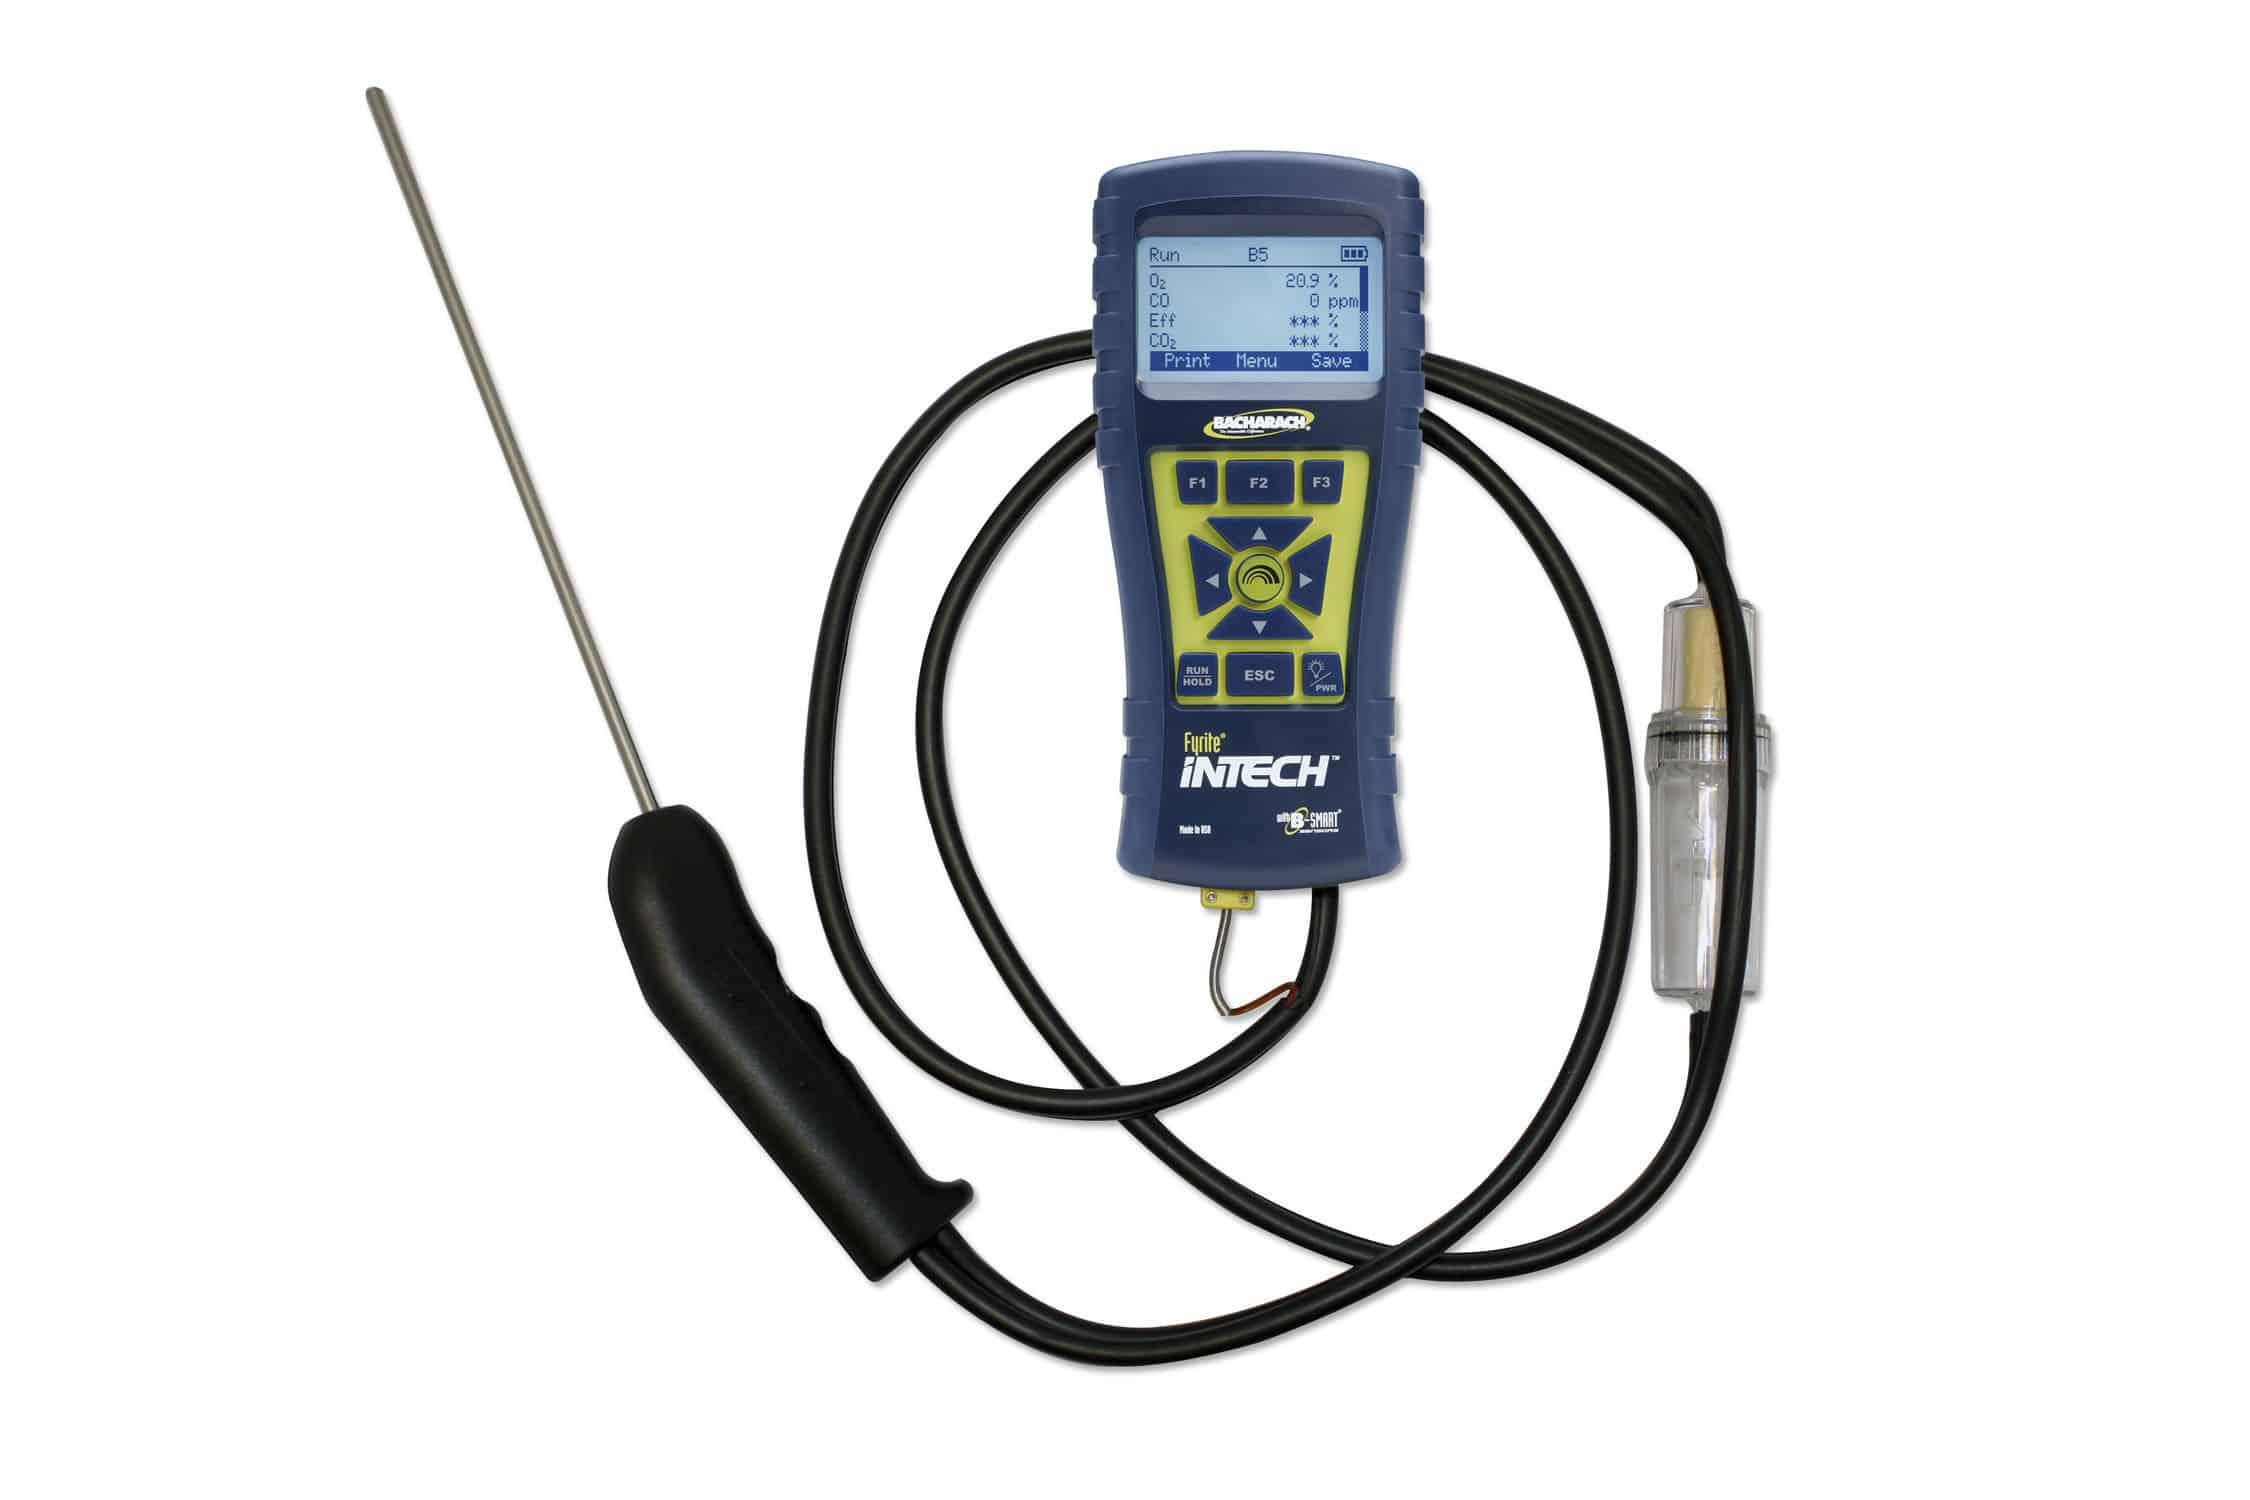 Analyseur d'oxygène / de gaz d'échappement / de monoxyde de carbone / de gaz naturel - Fyrite® InTech® - Bacharach - Vidéos